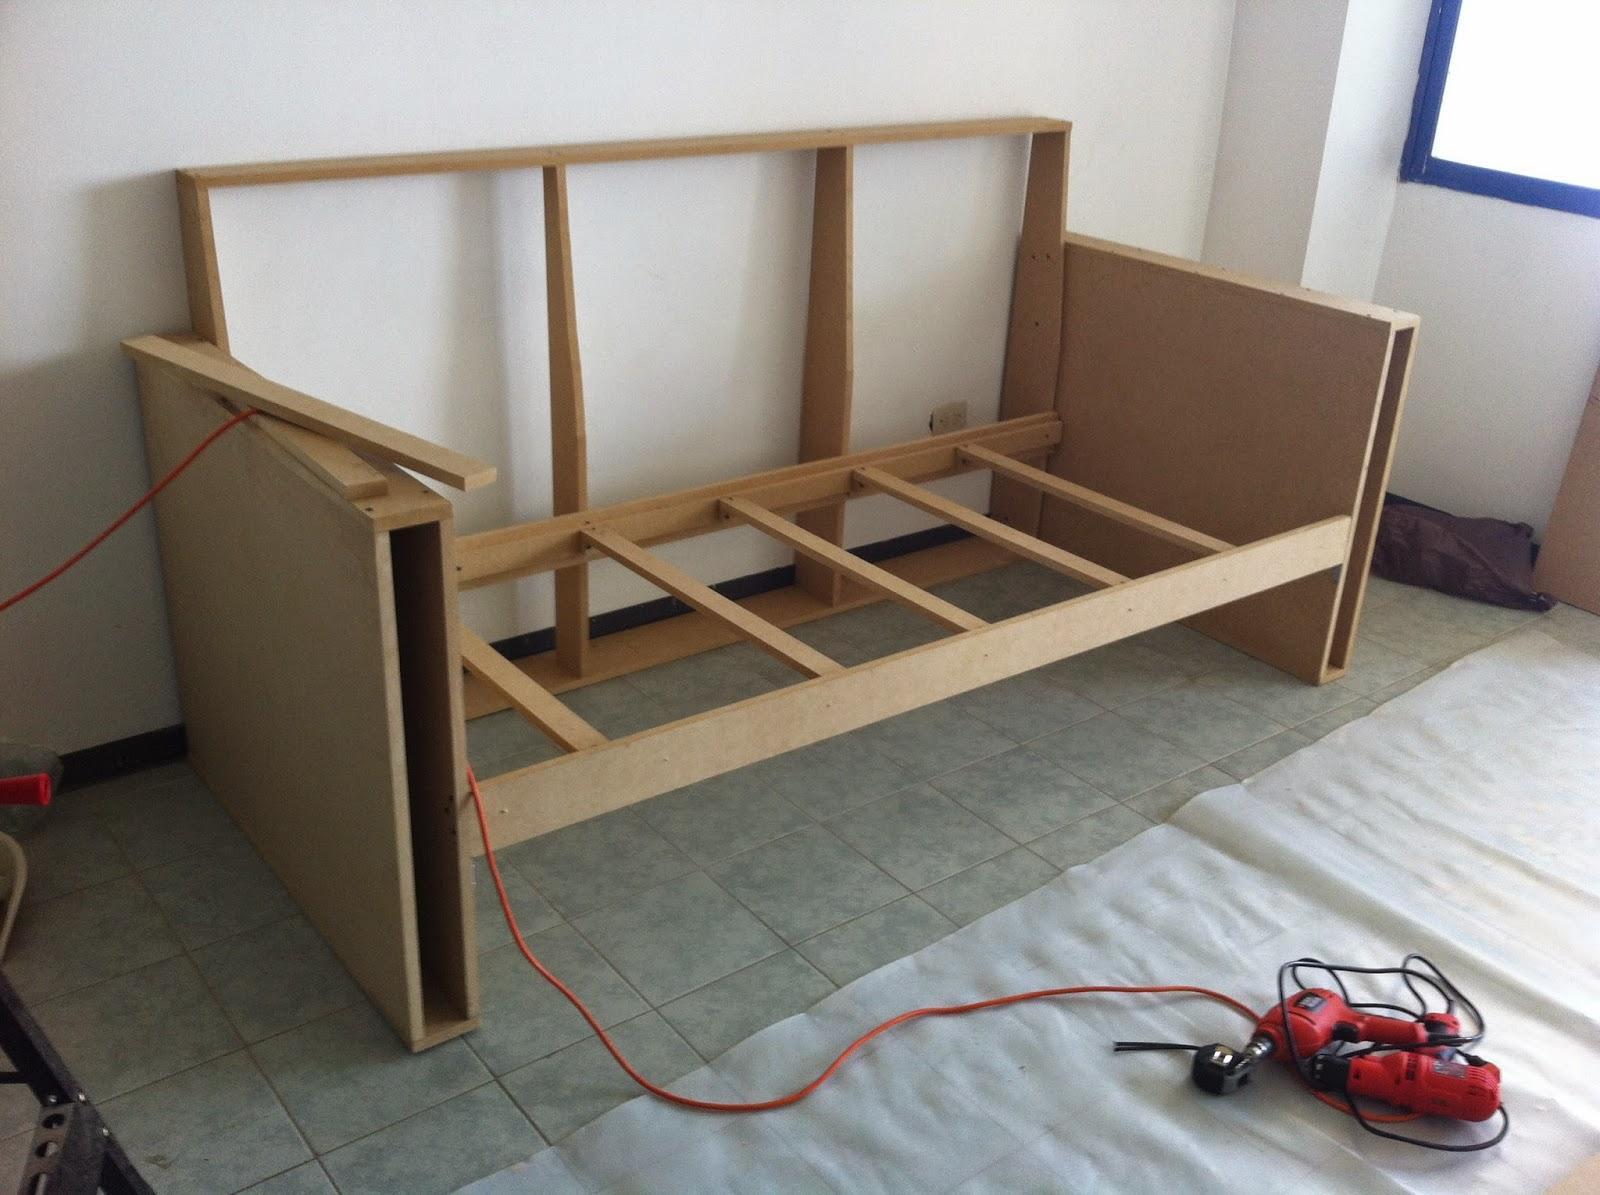 Lo hice en casa sof cama d plex for Como hacer un sillon con una cama